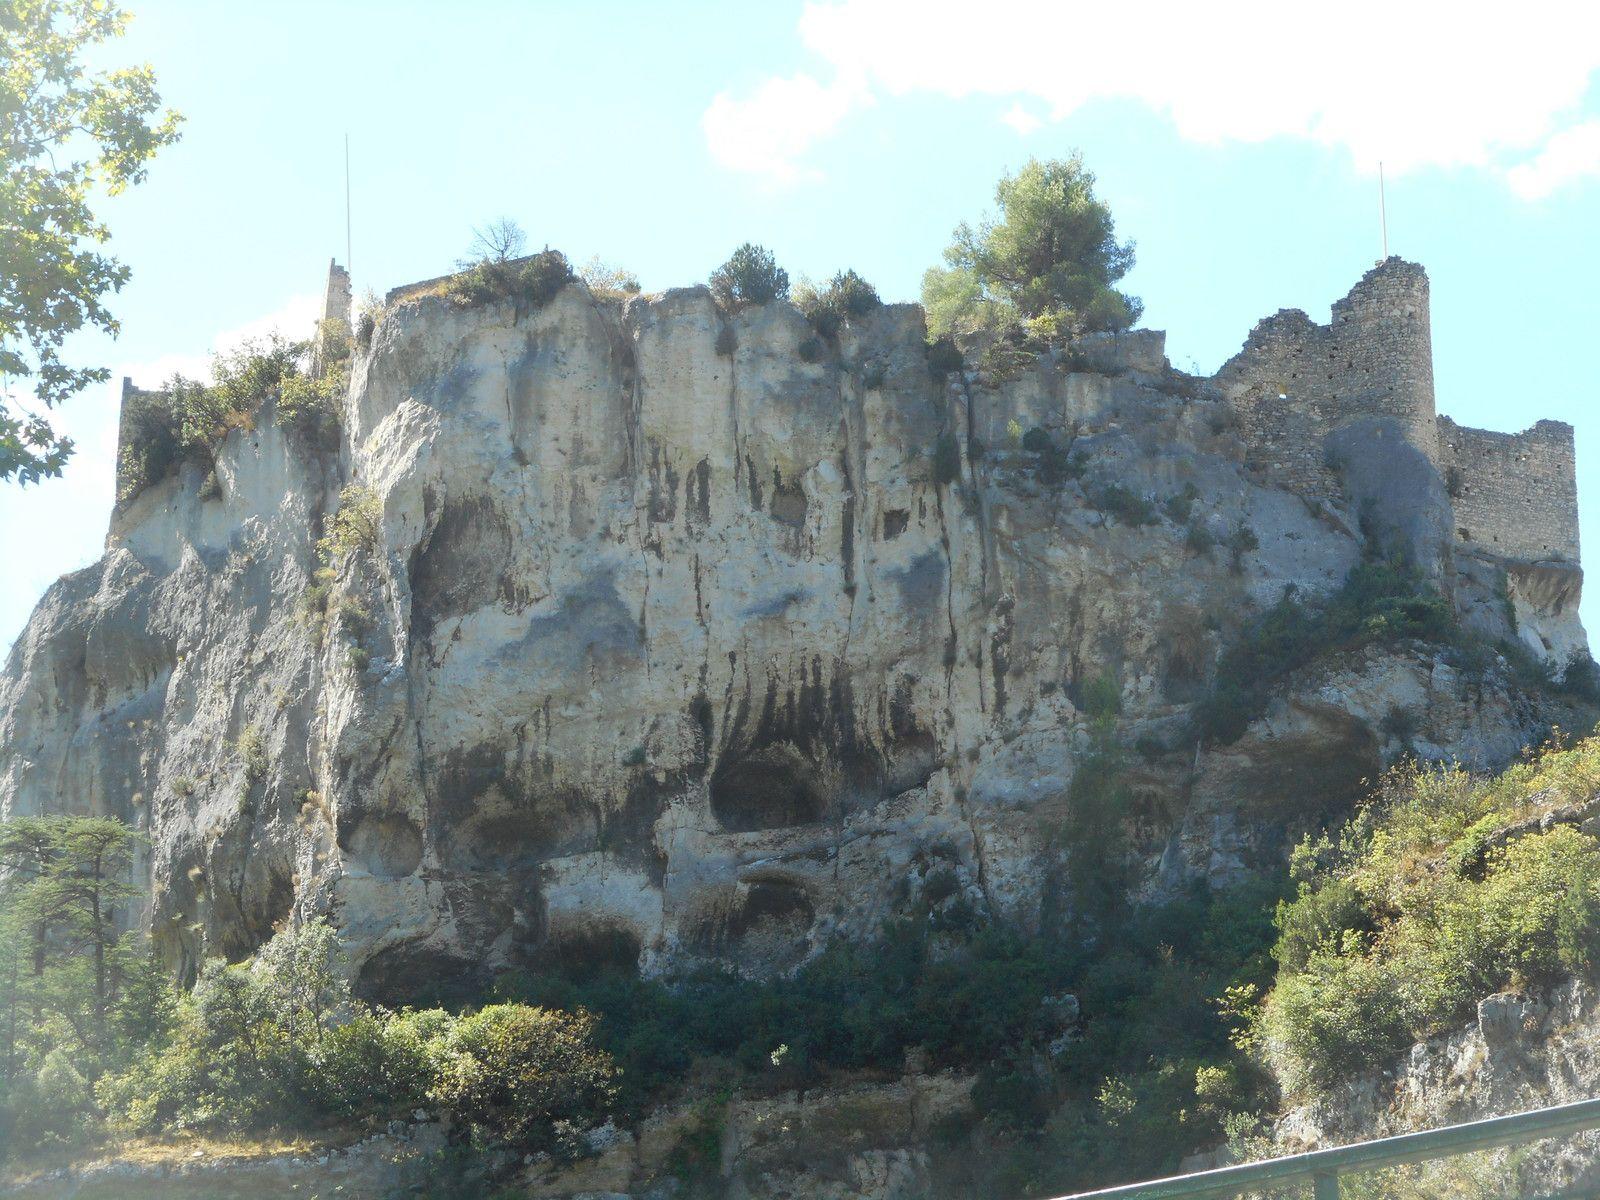 Fontaine de Vaucluse et L'Isle sur Sorgue en Harley Davidson